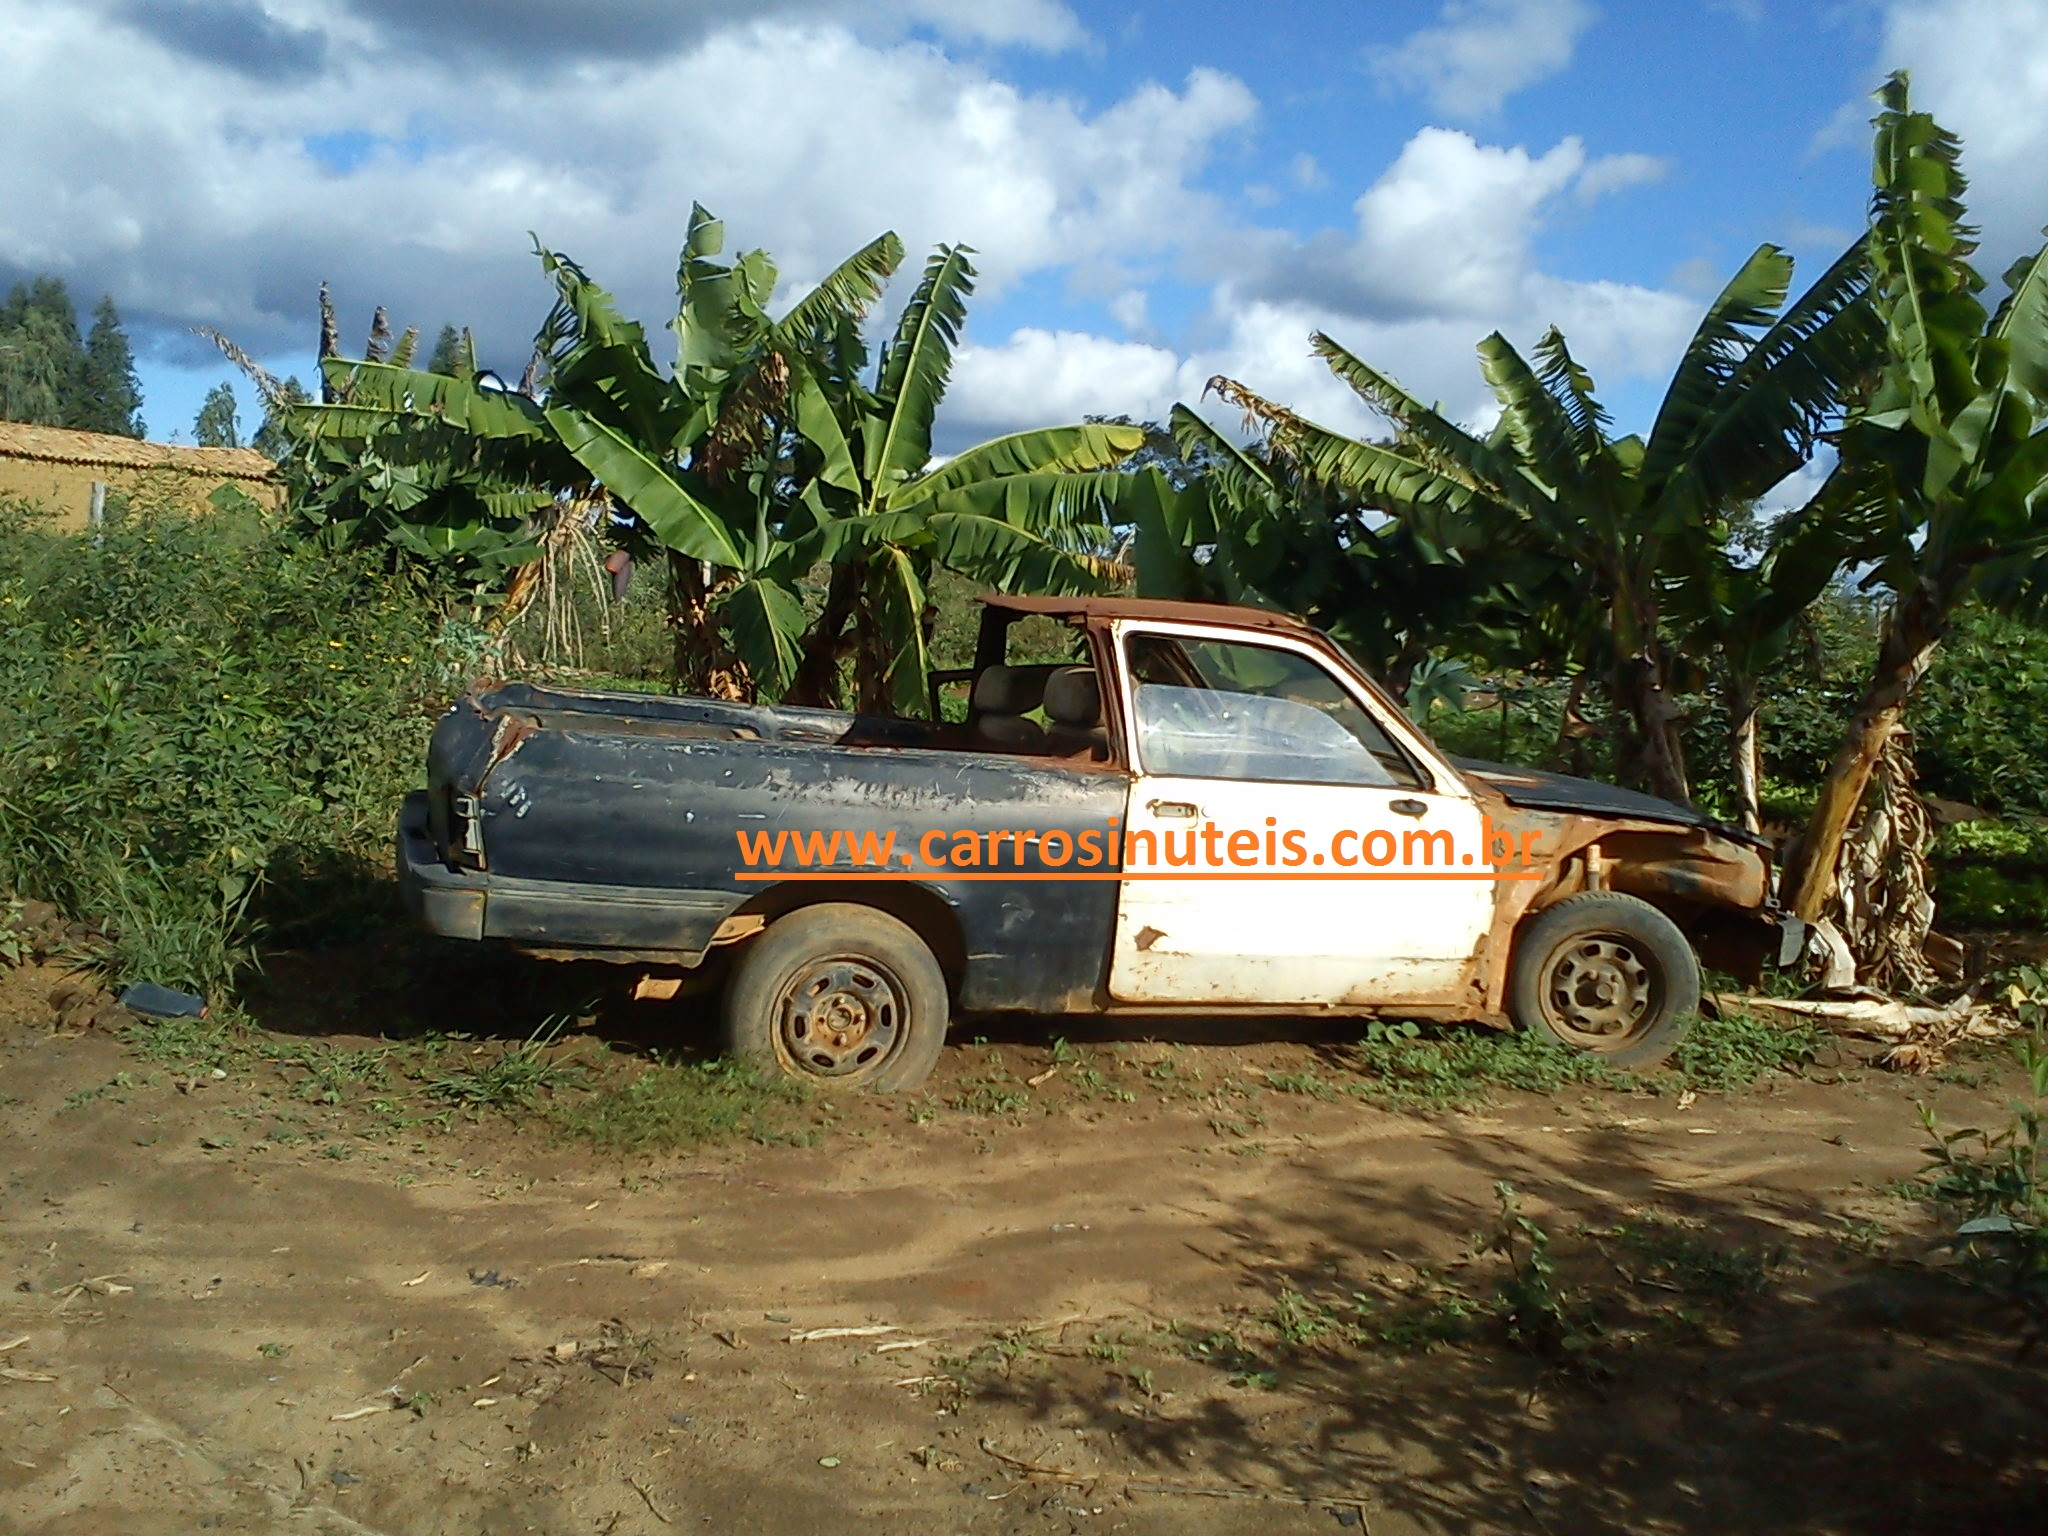 Junin-gm-marajó-maracas-bahia-2 GM Marajó, Junin - Maracás, Bahia